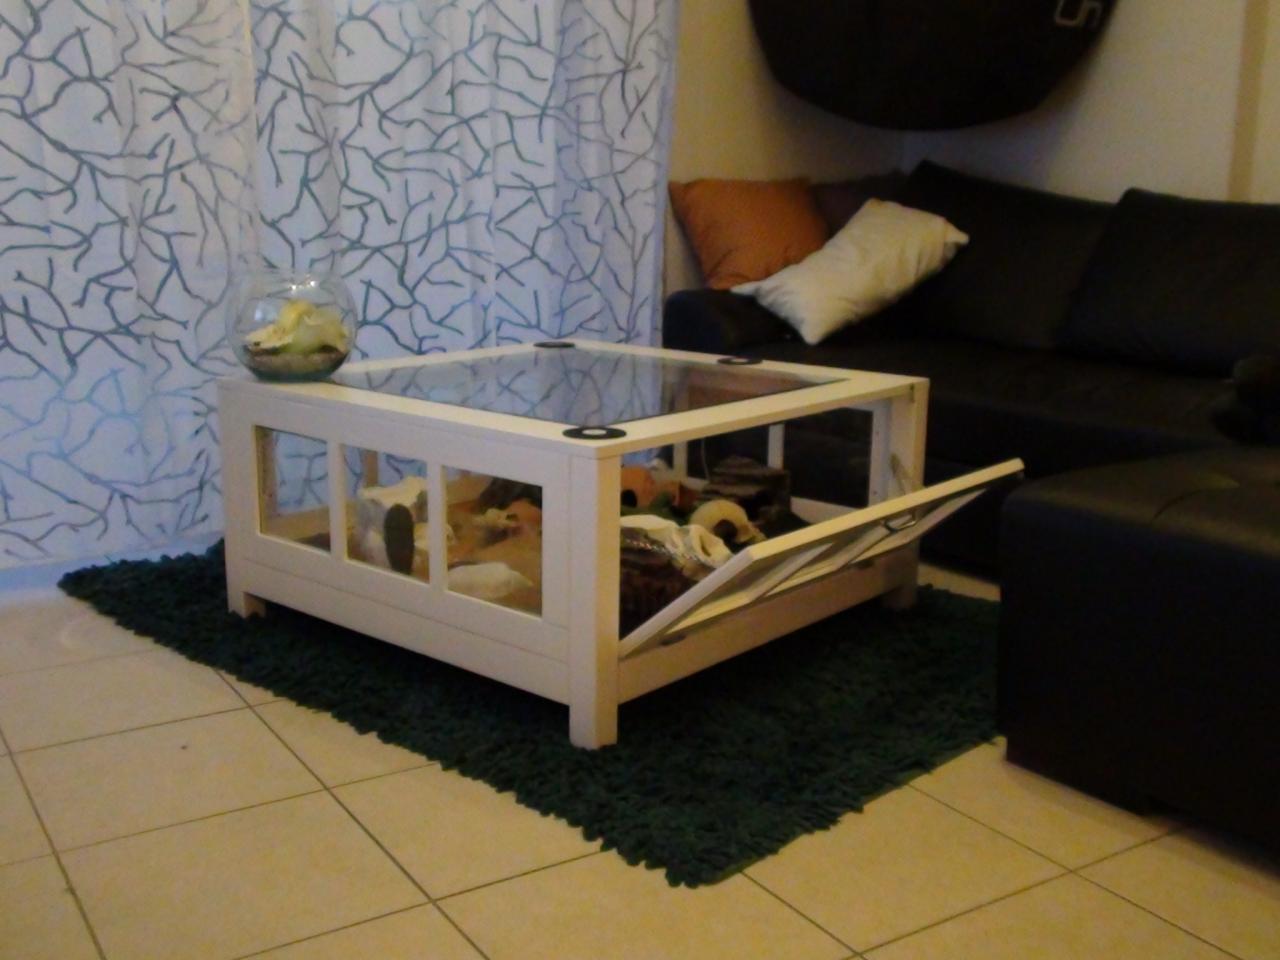 Table Basse Vivarium Mobilier Design Decoration D Interieur